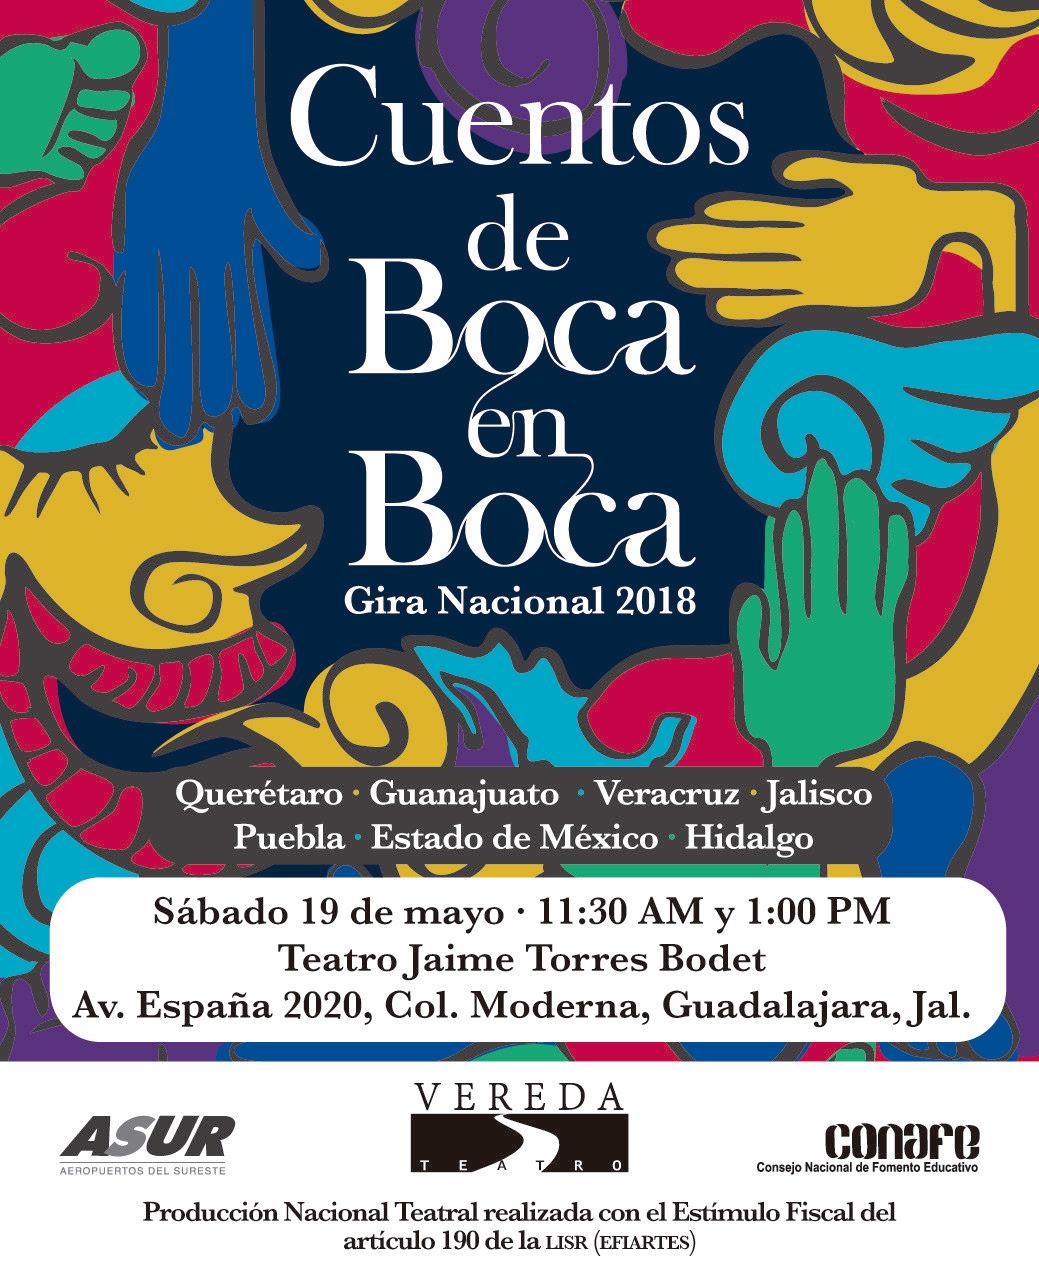 Los cuentos de Boca en Boca / Teatro Jaime Torres Bodet